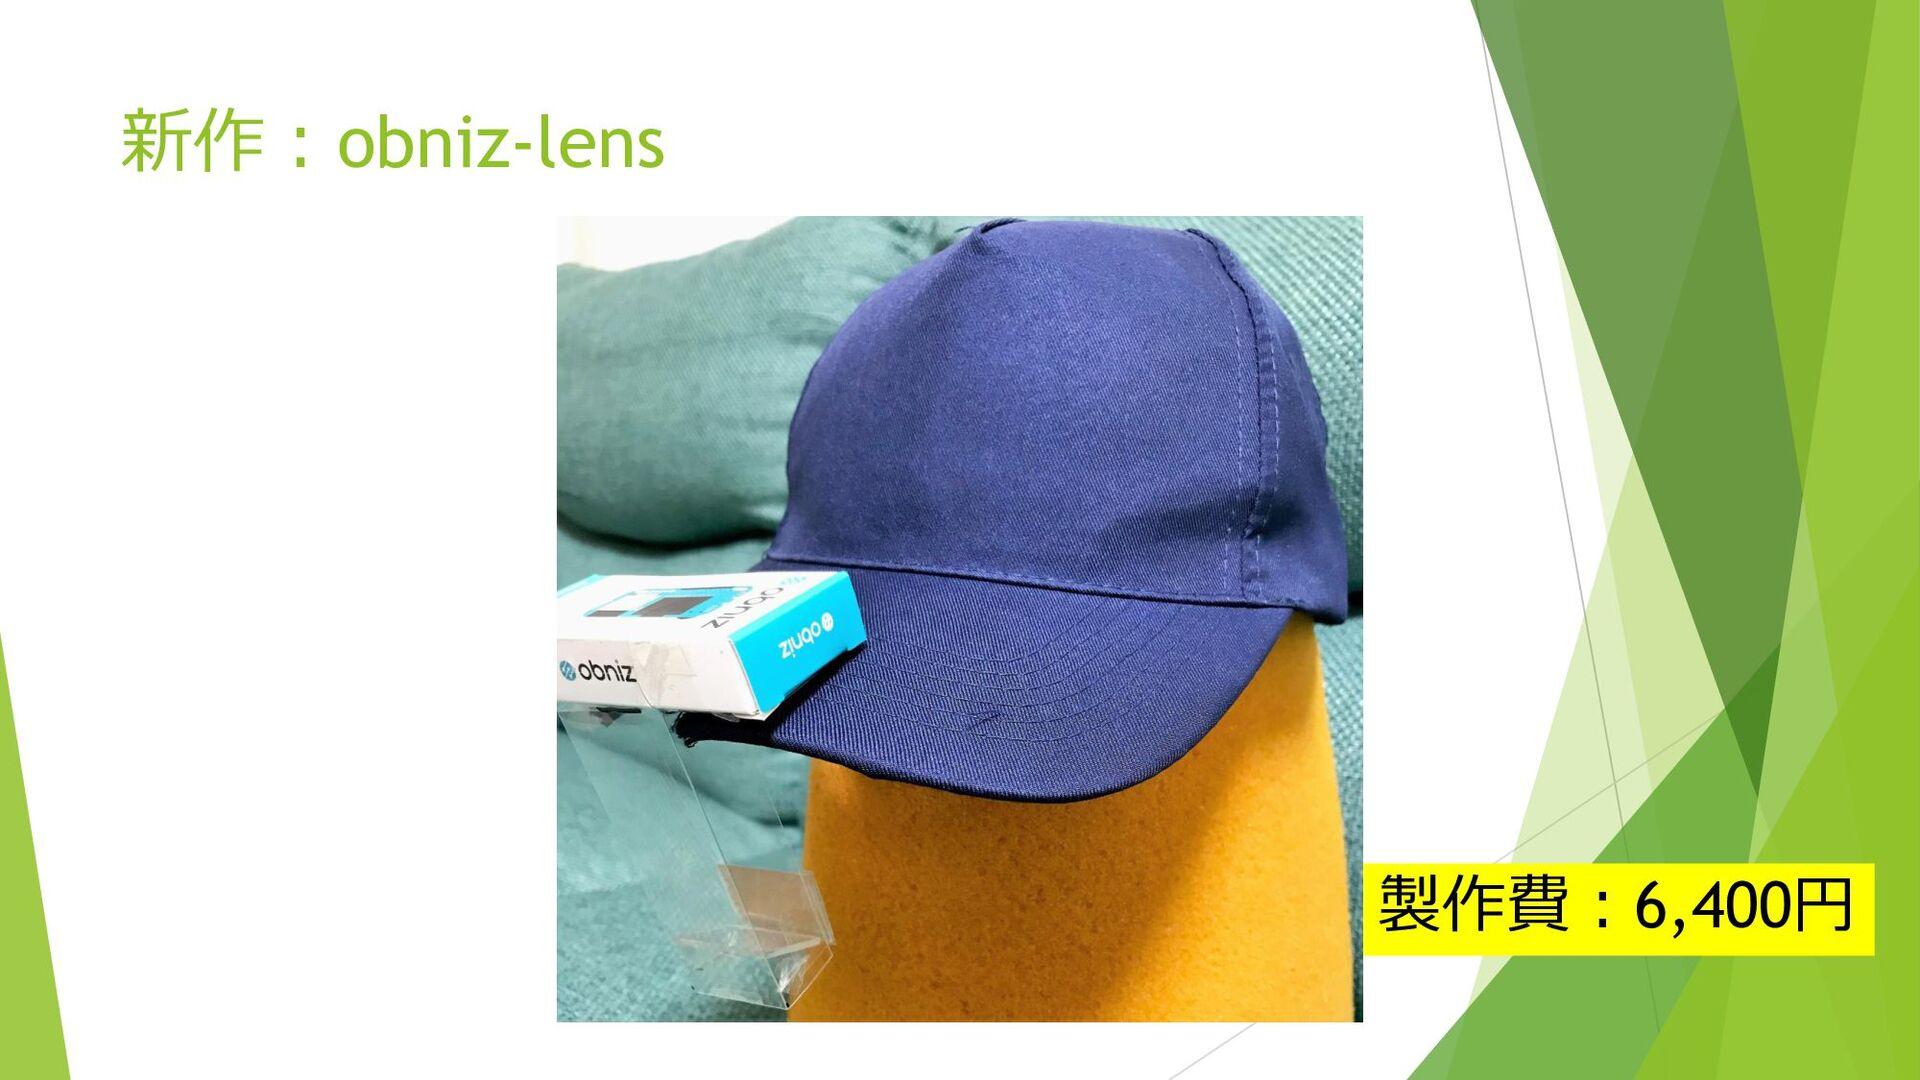 新作:obniz-lens 製作費:6,400円